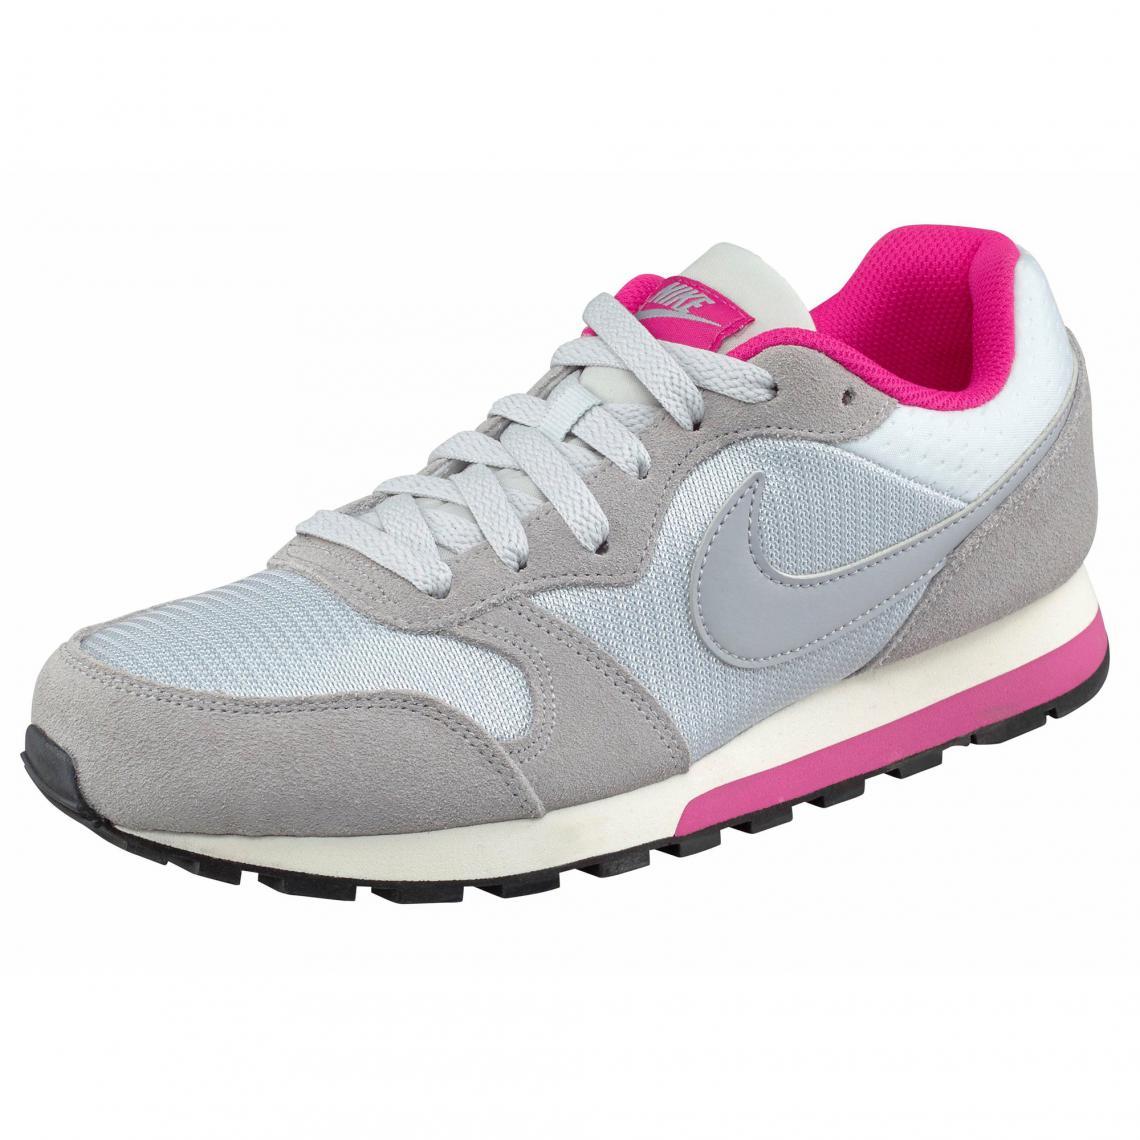 afe18a9cb0b5d Nike chaussures de running MD Runner 2 Wmns femme - Gris Clair - Rose Nike  Femme